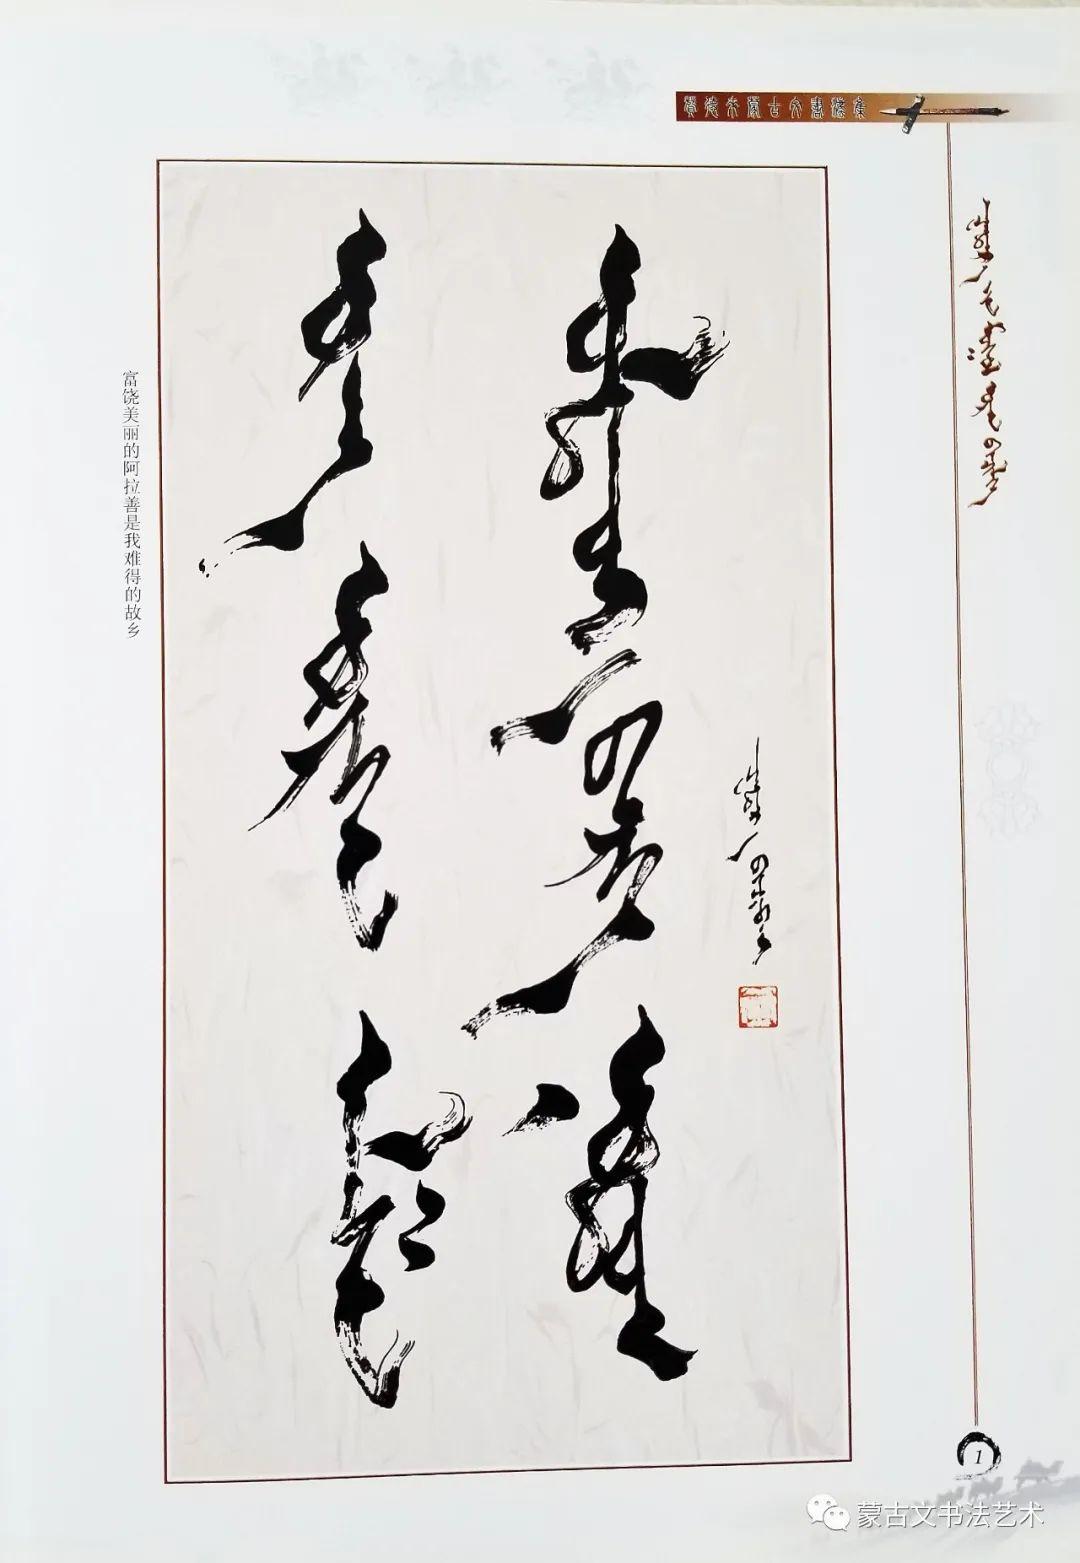 赞得来蒙古文书法集 第6张 赞得来蒙古文书法集 蒙古书法